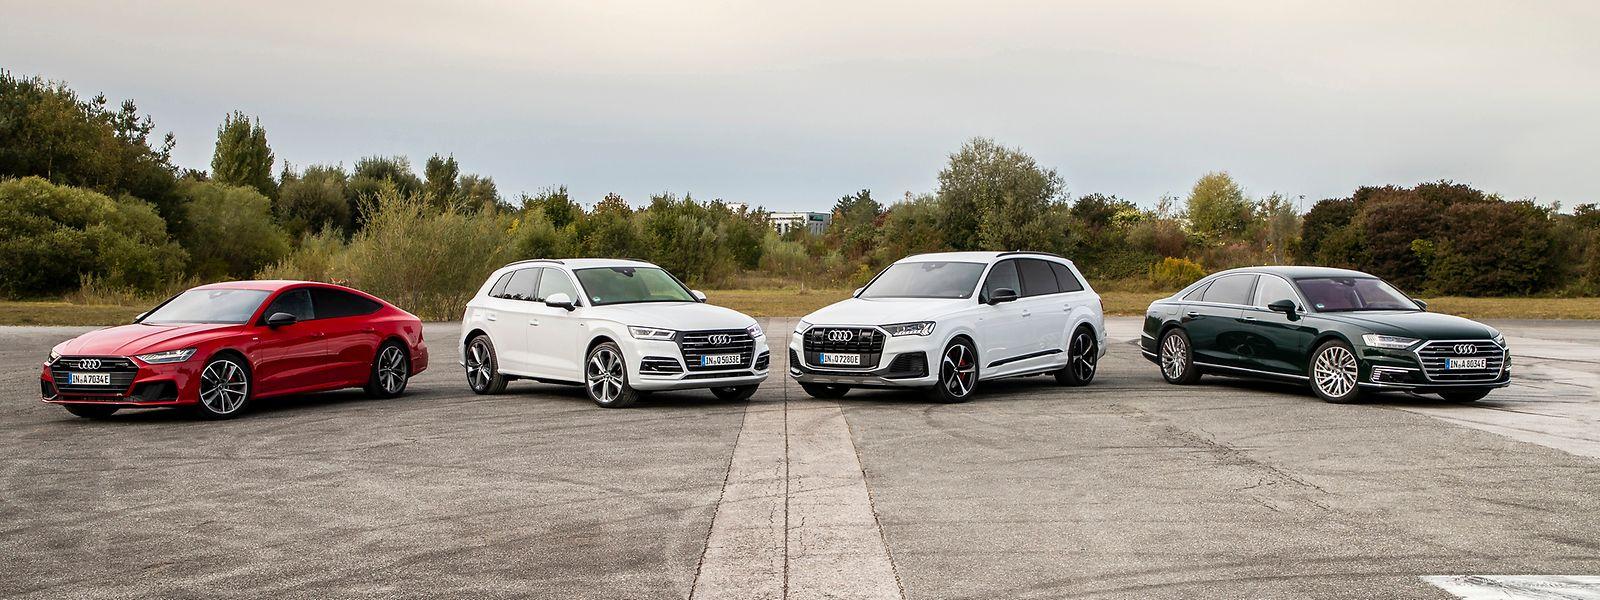 Plug-in-Familie aus Ingolstadt: Audi A7 Sportback 55 TFSI e quattro, Audi Q5 TFSI e, Audi Q7 TFSI e und Audi A8 L 60 TFSI e.